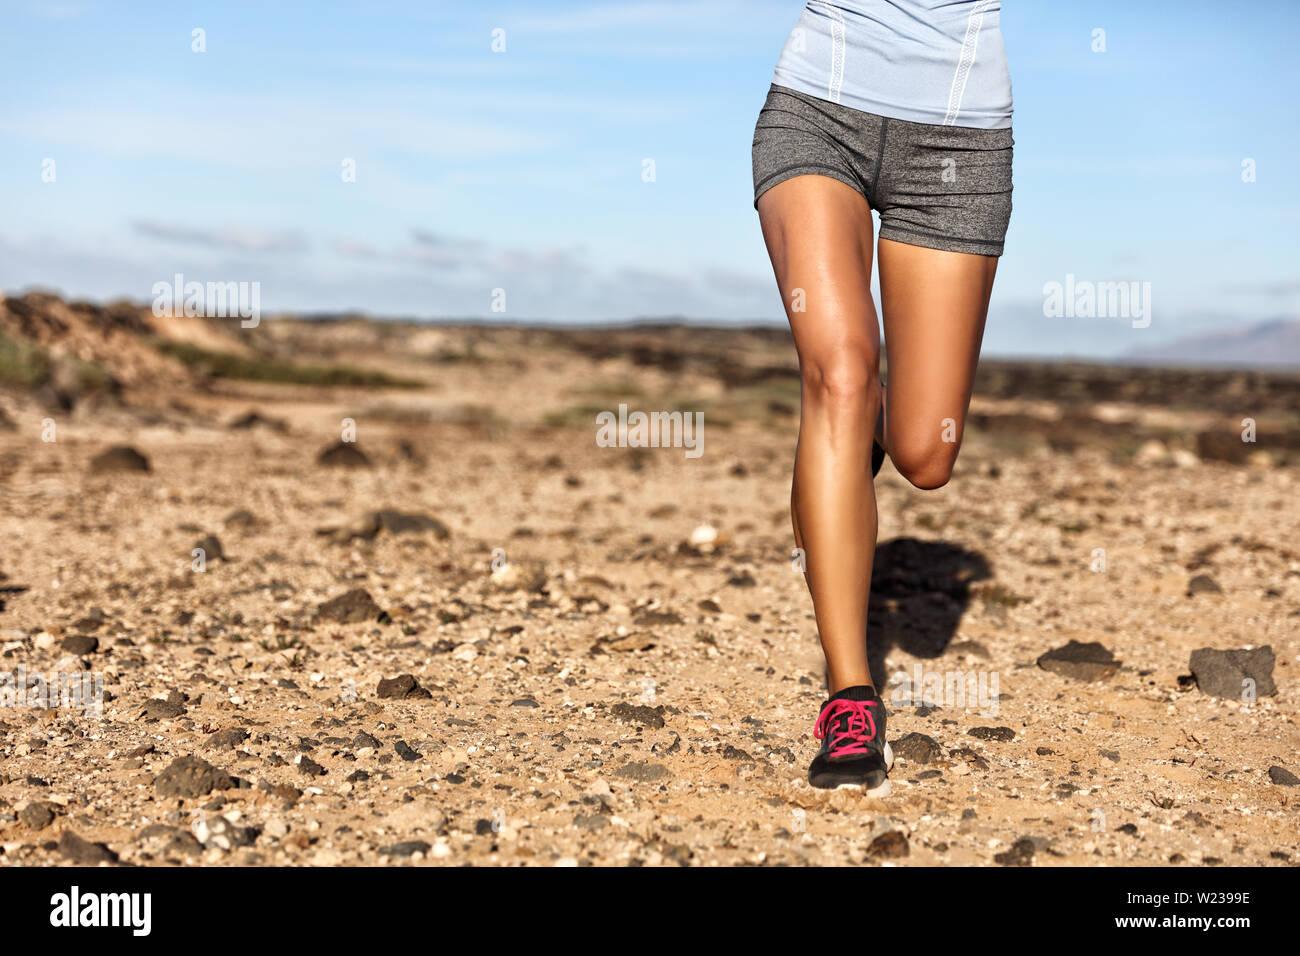 Verano atleta trail runner piernas cuerpo inferior de cosecha. Mujer Fitness trotar viviendo un estilo de vida activo trotar en camino rocoso en la naturaleza del paisaje de montaña. Zapatos, rodillas, muslos, concepto de pérdida de peso. Foto de stock